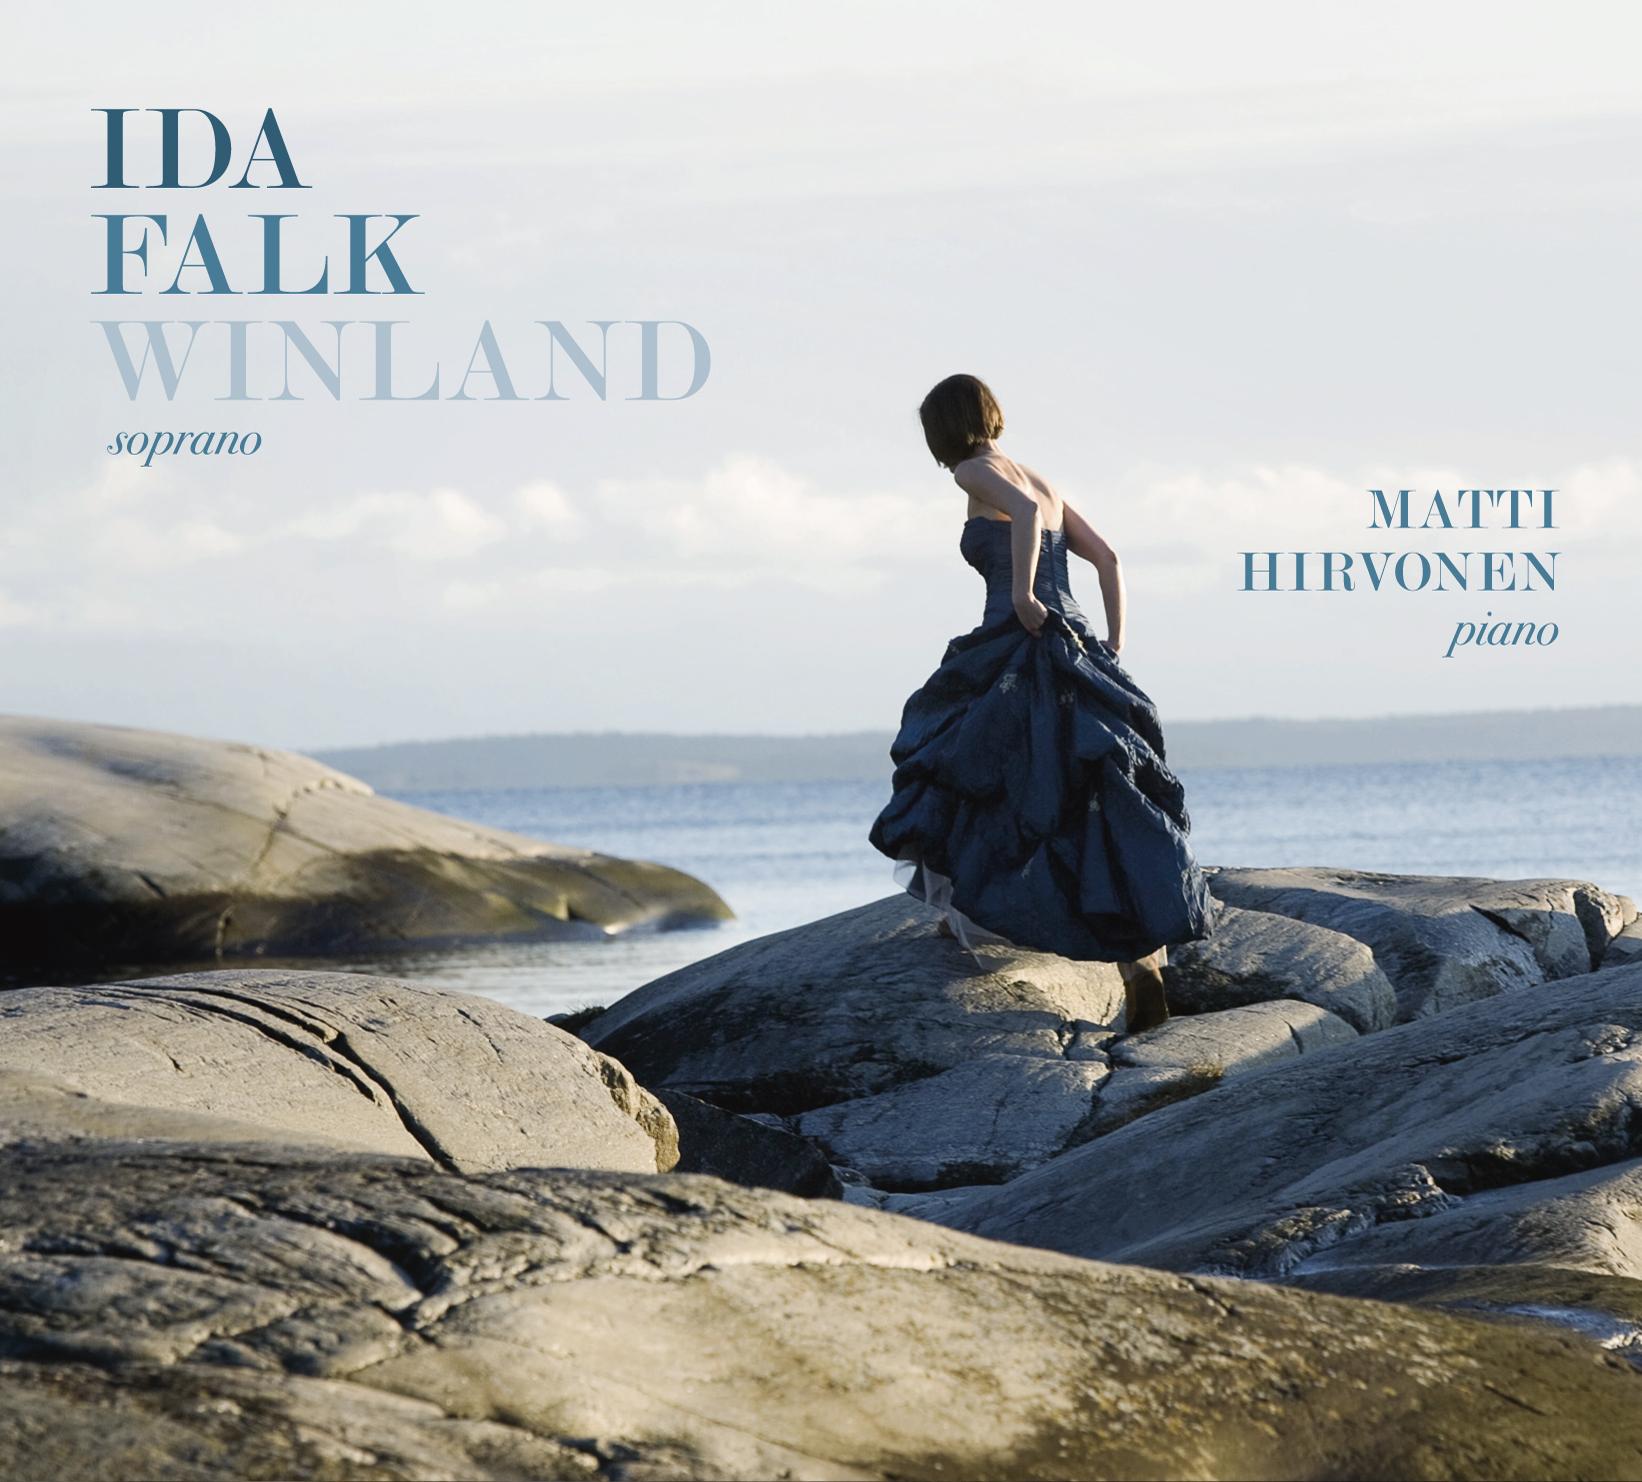 Ida Falk Winland, soprano